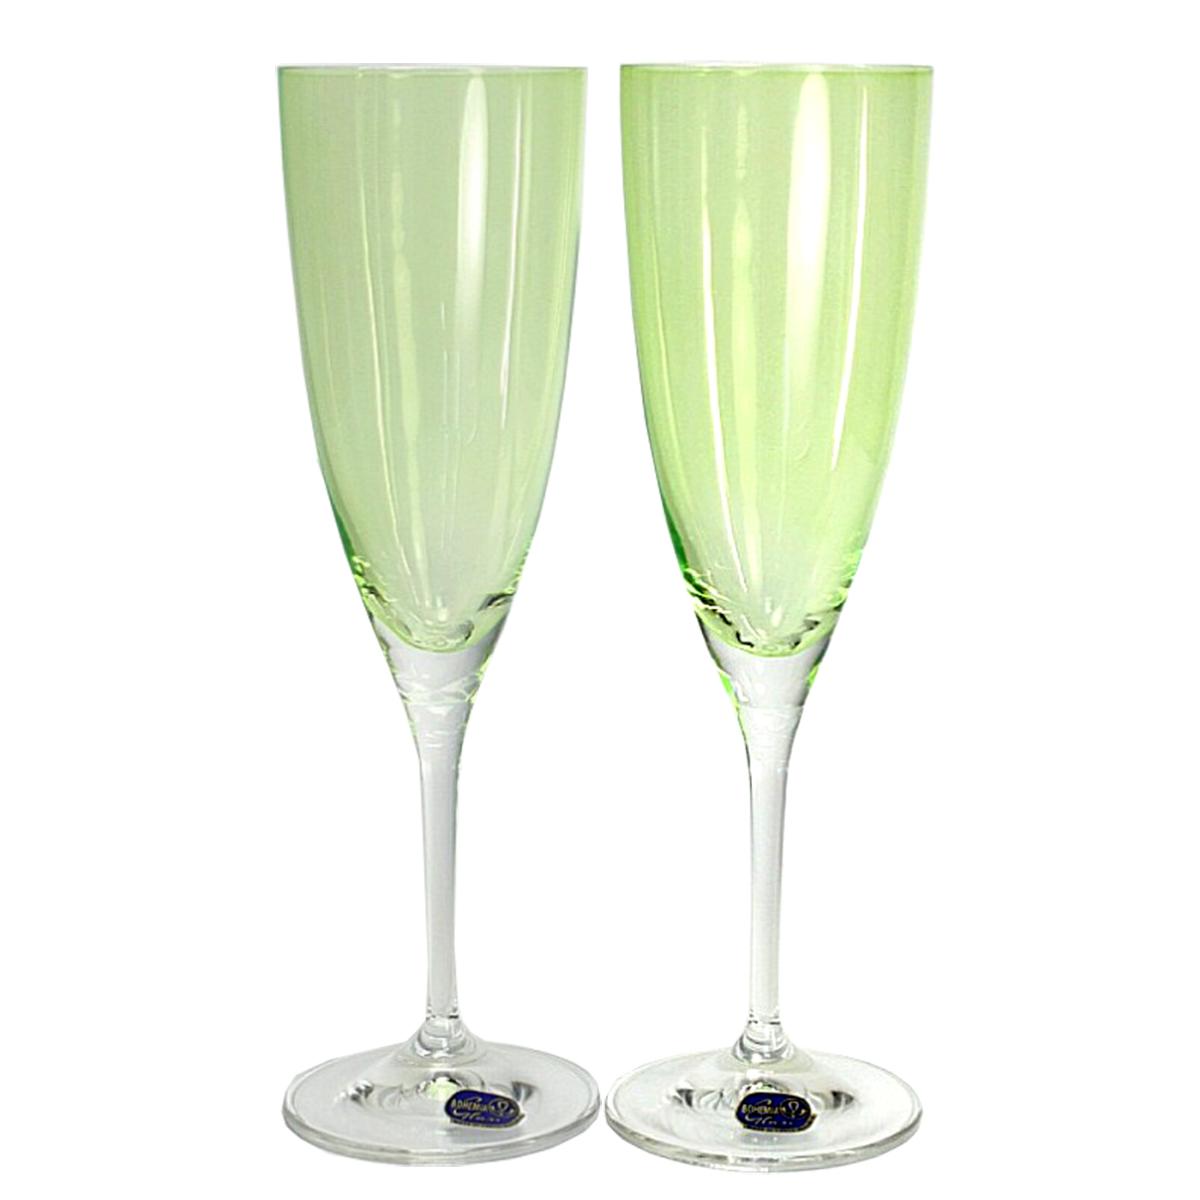 Набор бокалов для шампанского Bohemia Crystal Кейт, 220 мл, 2 шт. 40796/D4353/220-240796/D4353/220-2Набор бокалов для шампанского Bohemia Crystal коллекции Кейт порадуют не только вас, но и ваших гостей. Они обладают привлекательным внешним видом, а материалом их изготовления является высококачественное стекло. Кроме того, красоту и форму посуды подчеркивают прозрачные ножки. Объем бокала 220 мл. Количество в упаковке 2 шт.